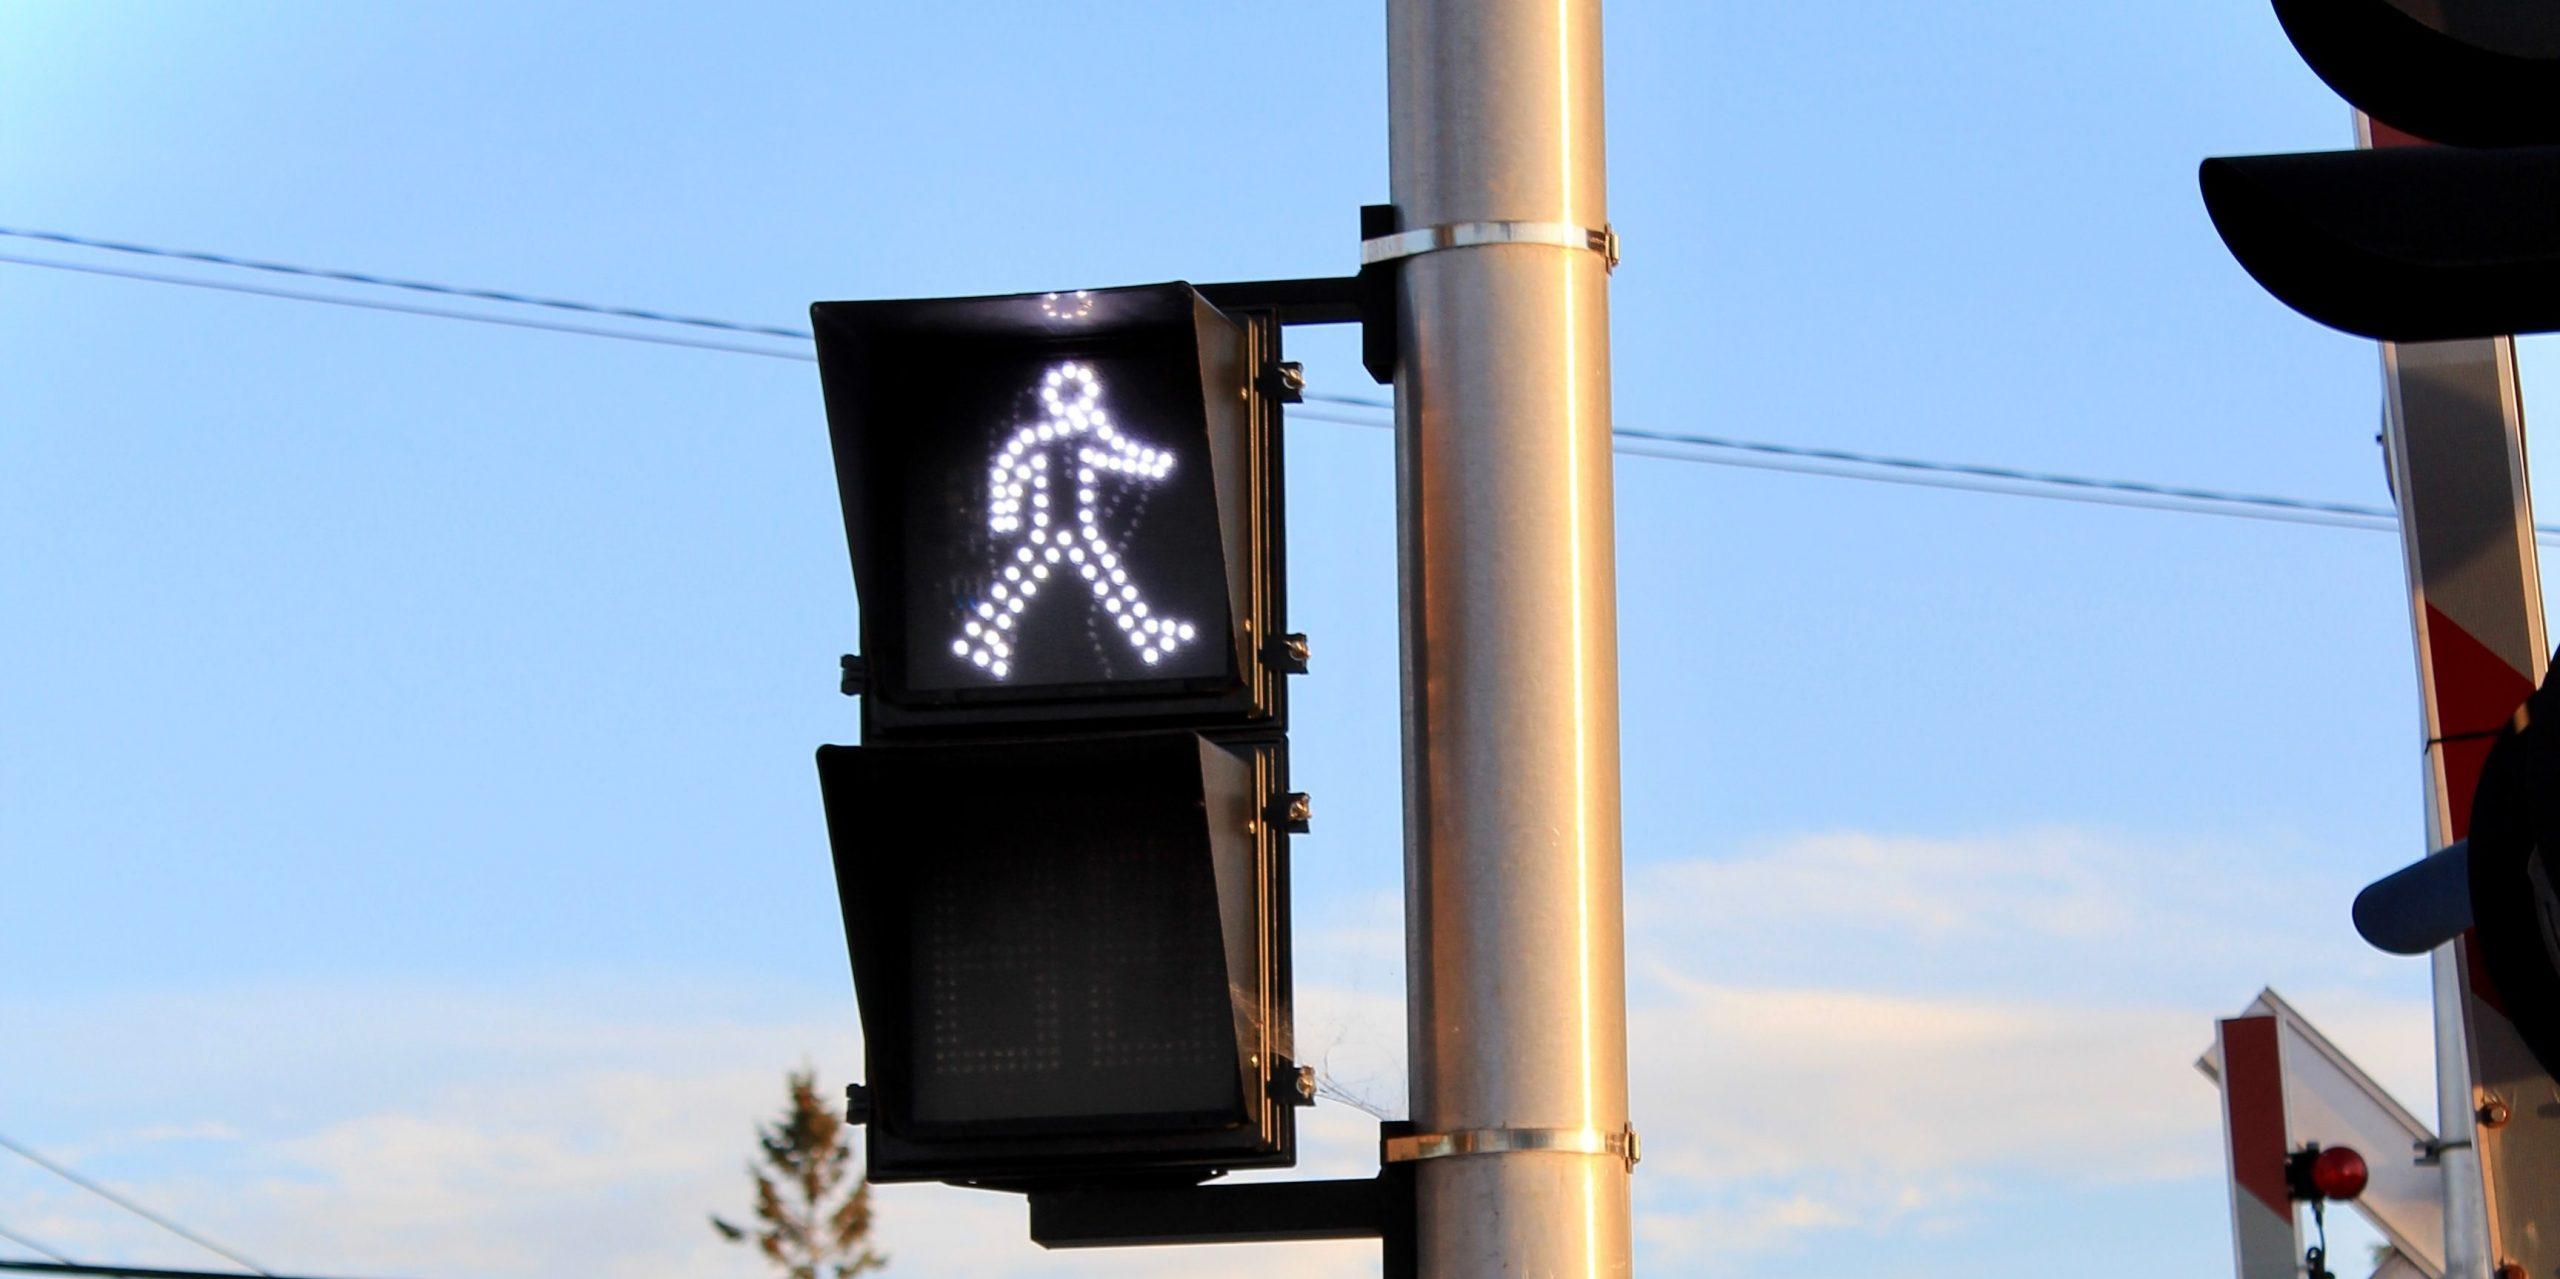 В Екатеринбурге на 11 перекрестках поставили умные светофоры